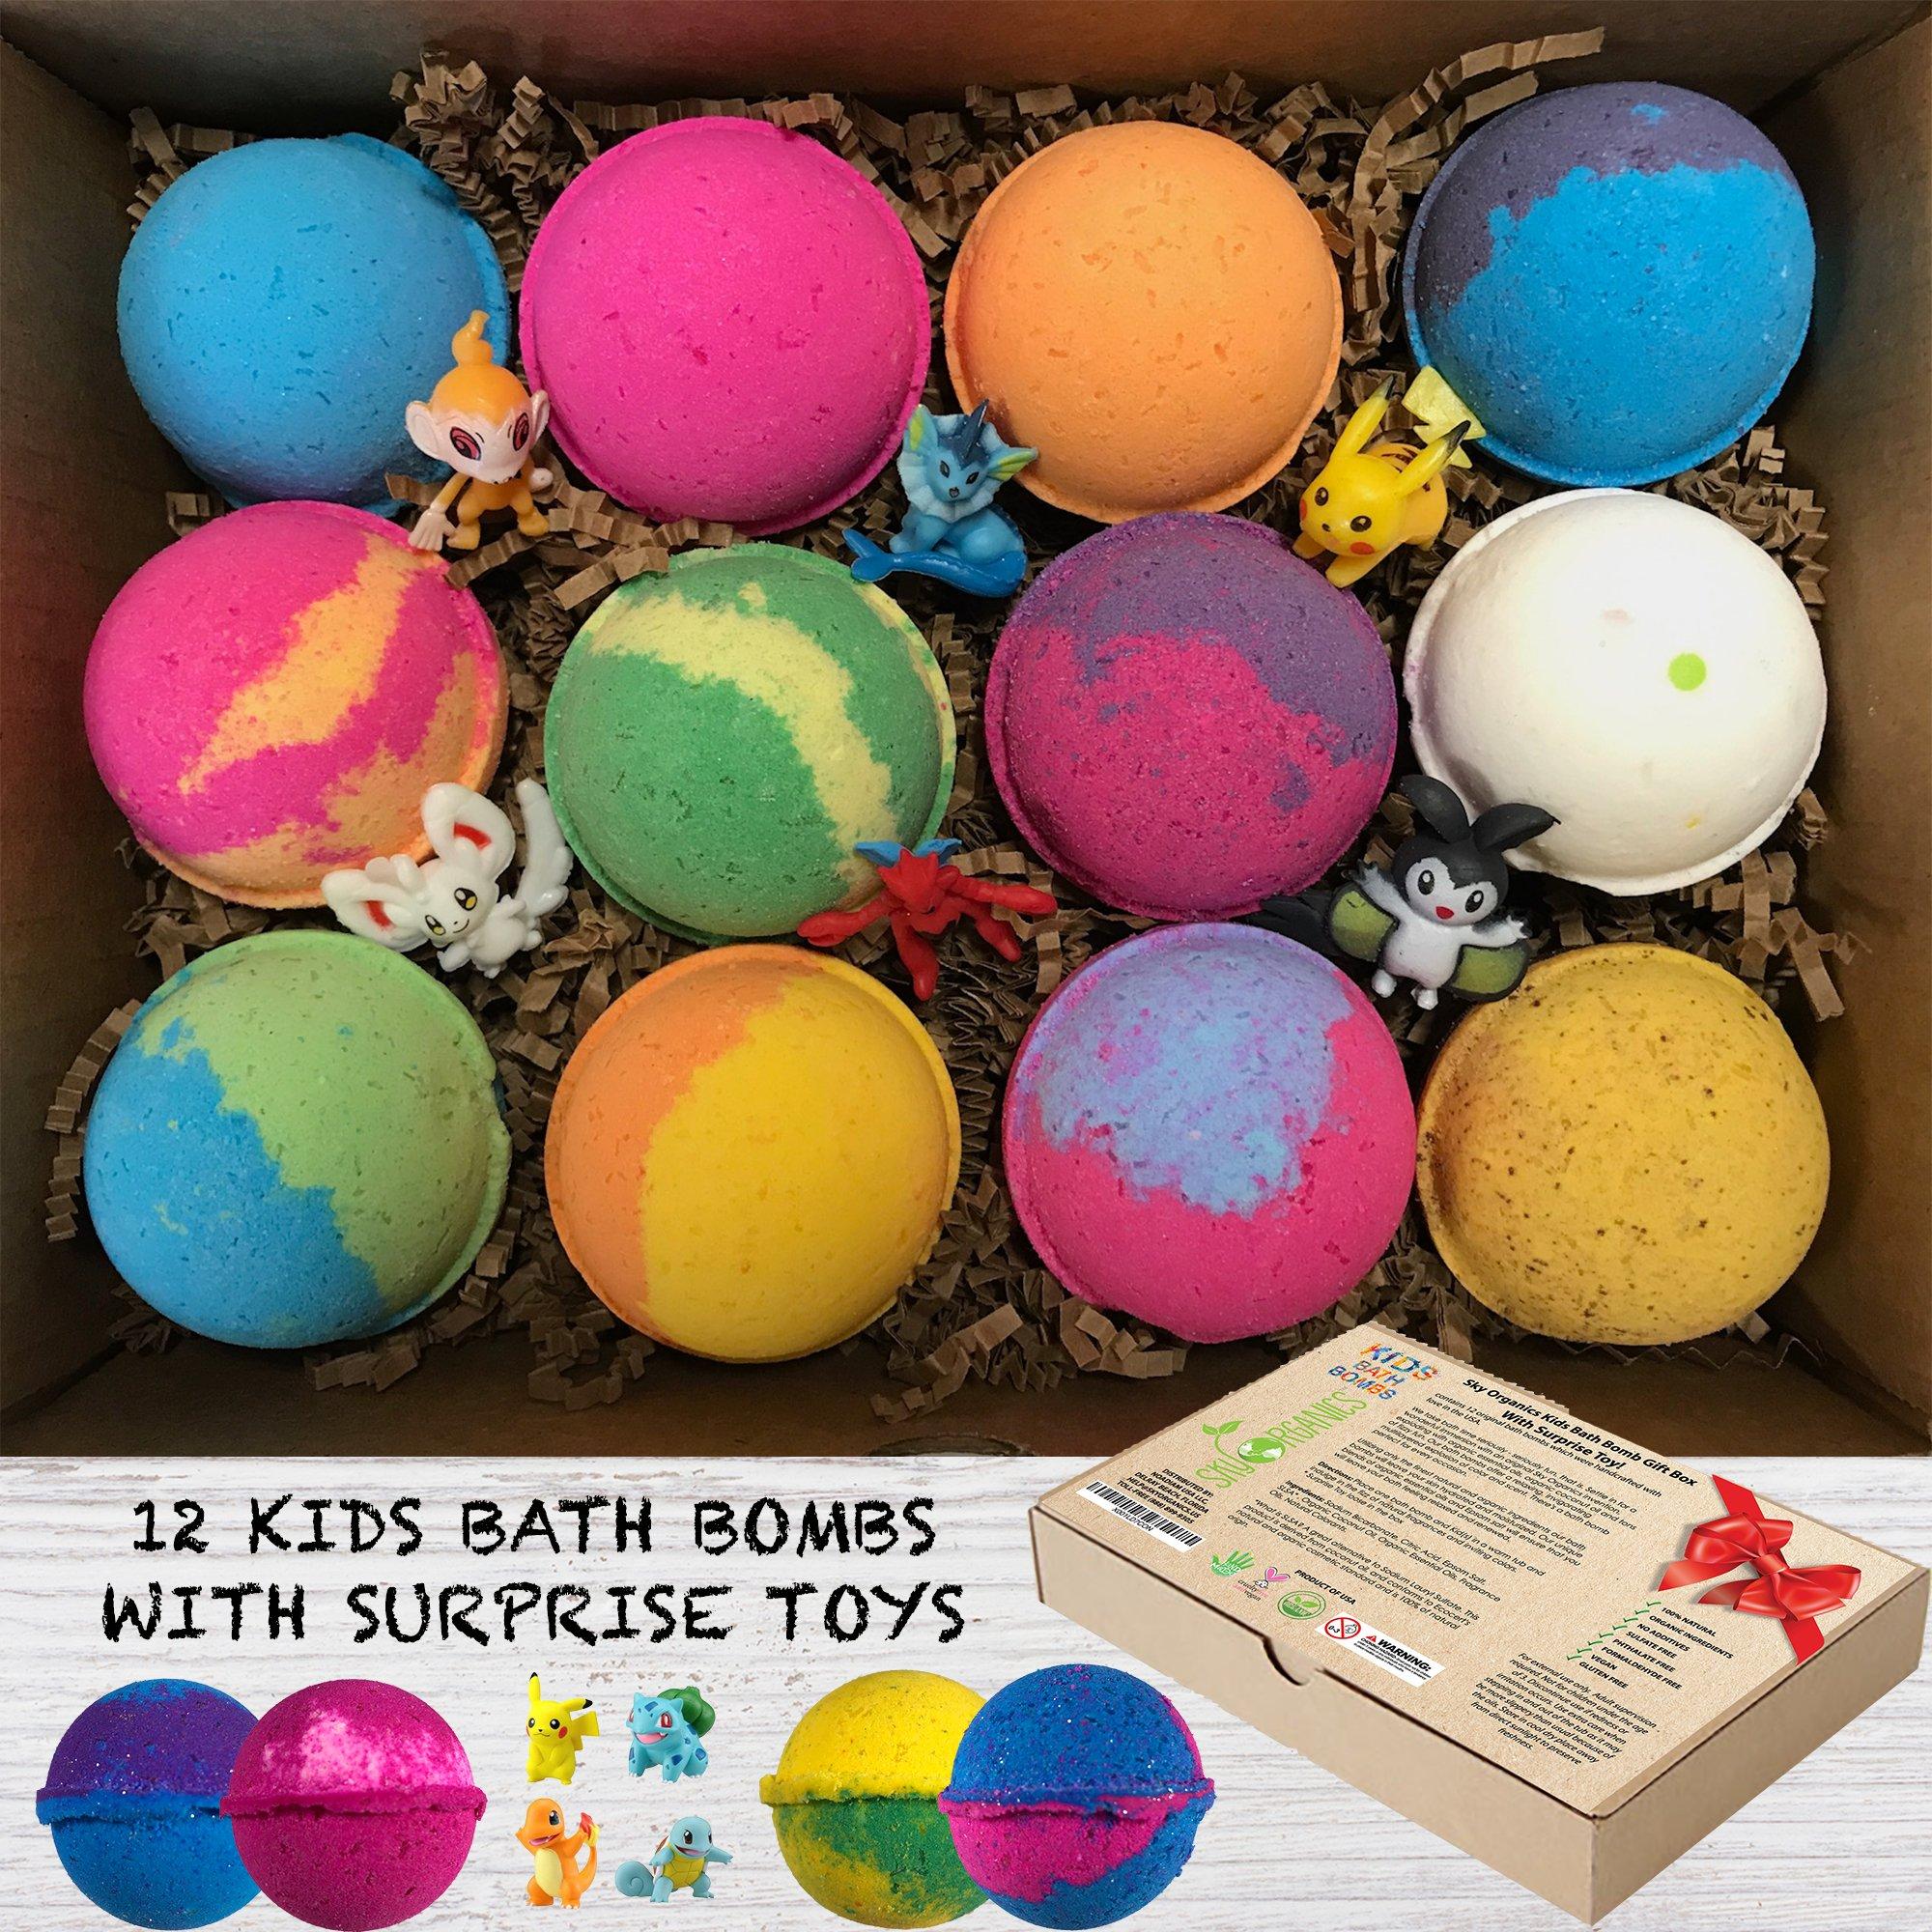 Kids bath bombs gift set with surprise toys - Bombe da bagno lush amazon ...